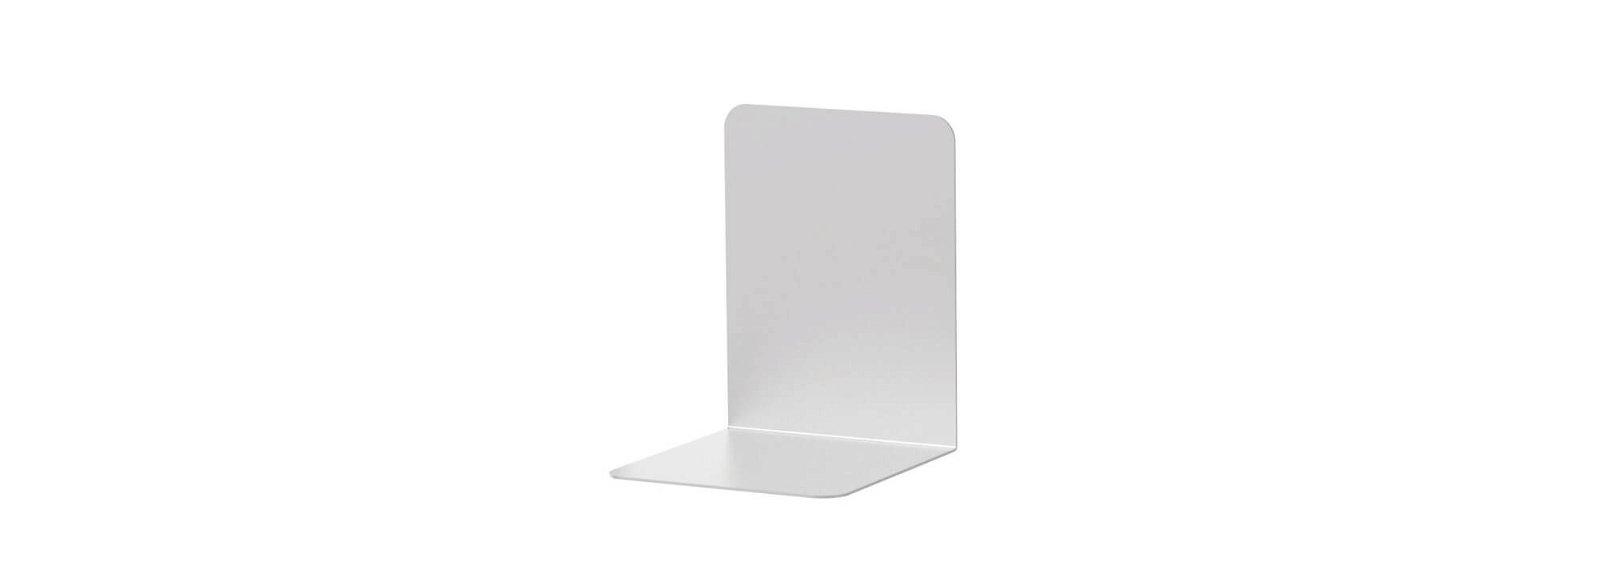 Buchstützen aus Aluminium, 10 x 10 x 13 cm, aluminium